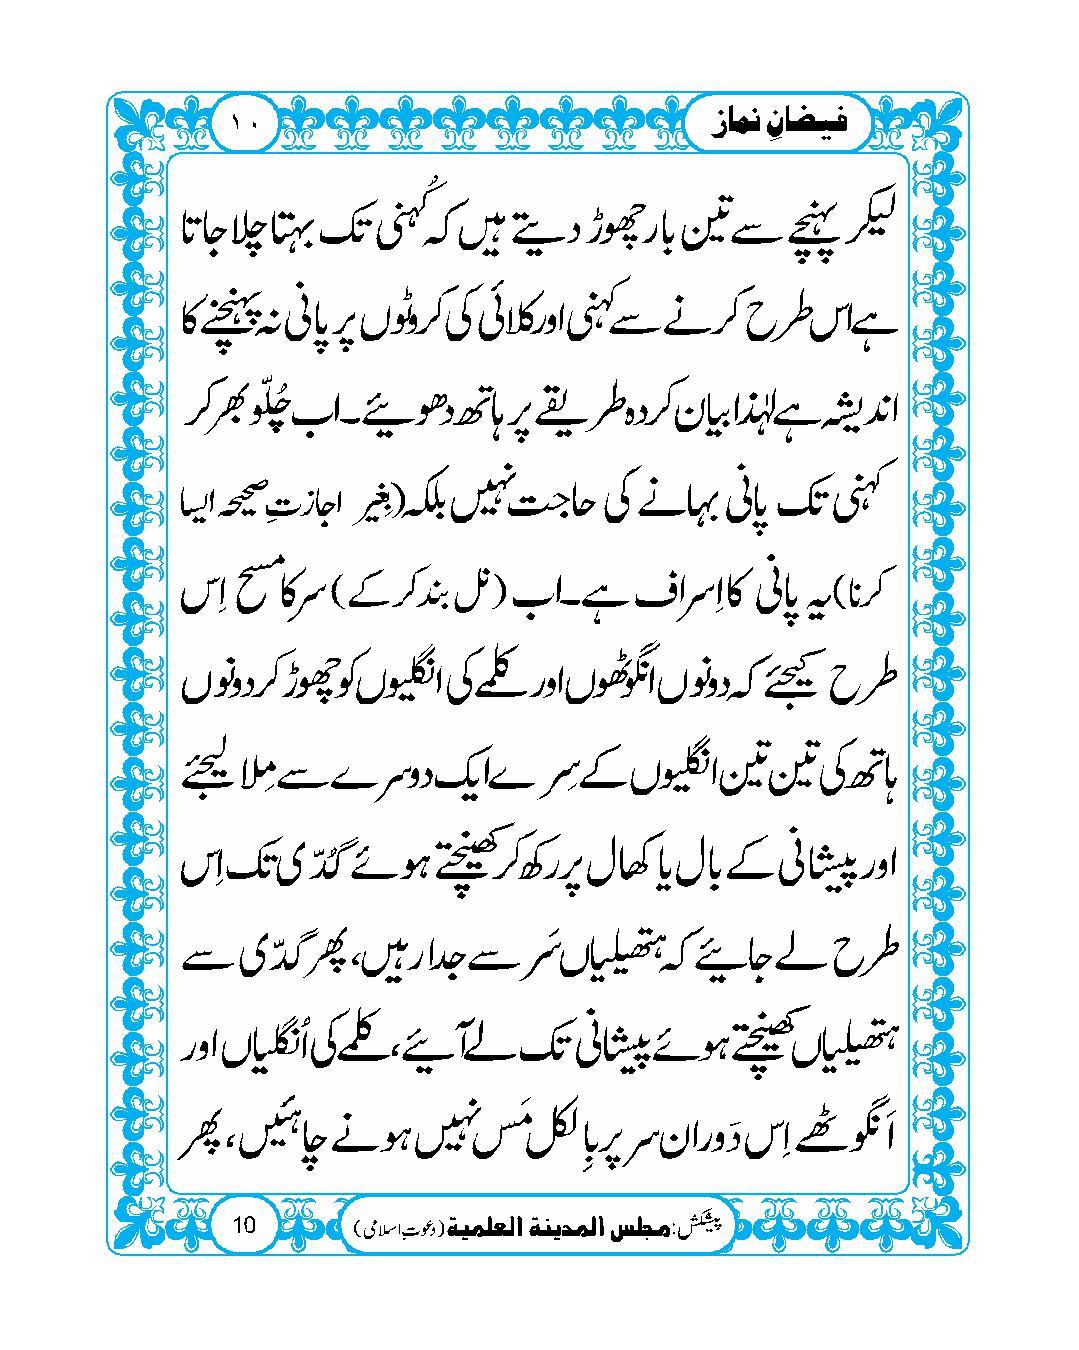 page No 10